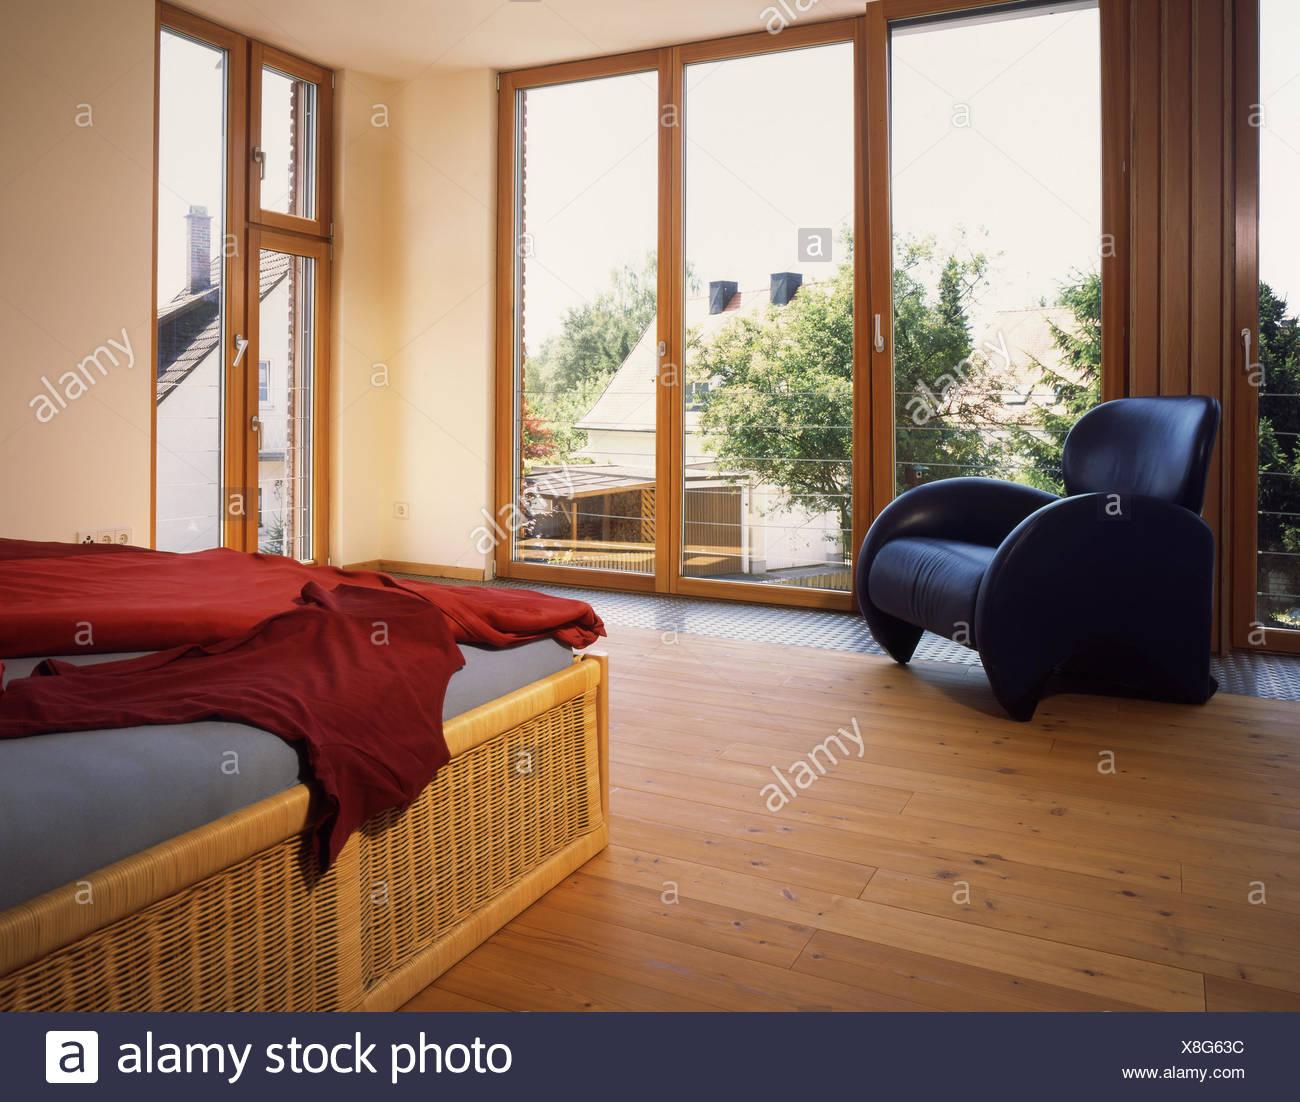 Chambre à Coucher, Fenêtre, Double, Vue, Parquet, Pièce De Mobilier En  Osier Vivant, De Type Résidentiel, Propre, Accueil, Design, Fauteuil,  Fauteuil Boule ...